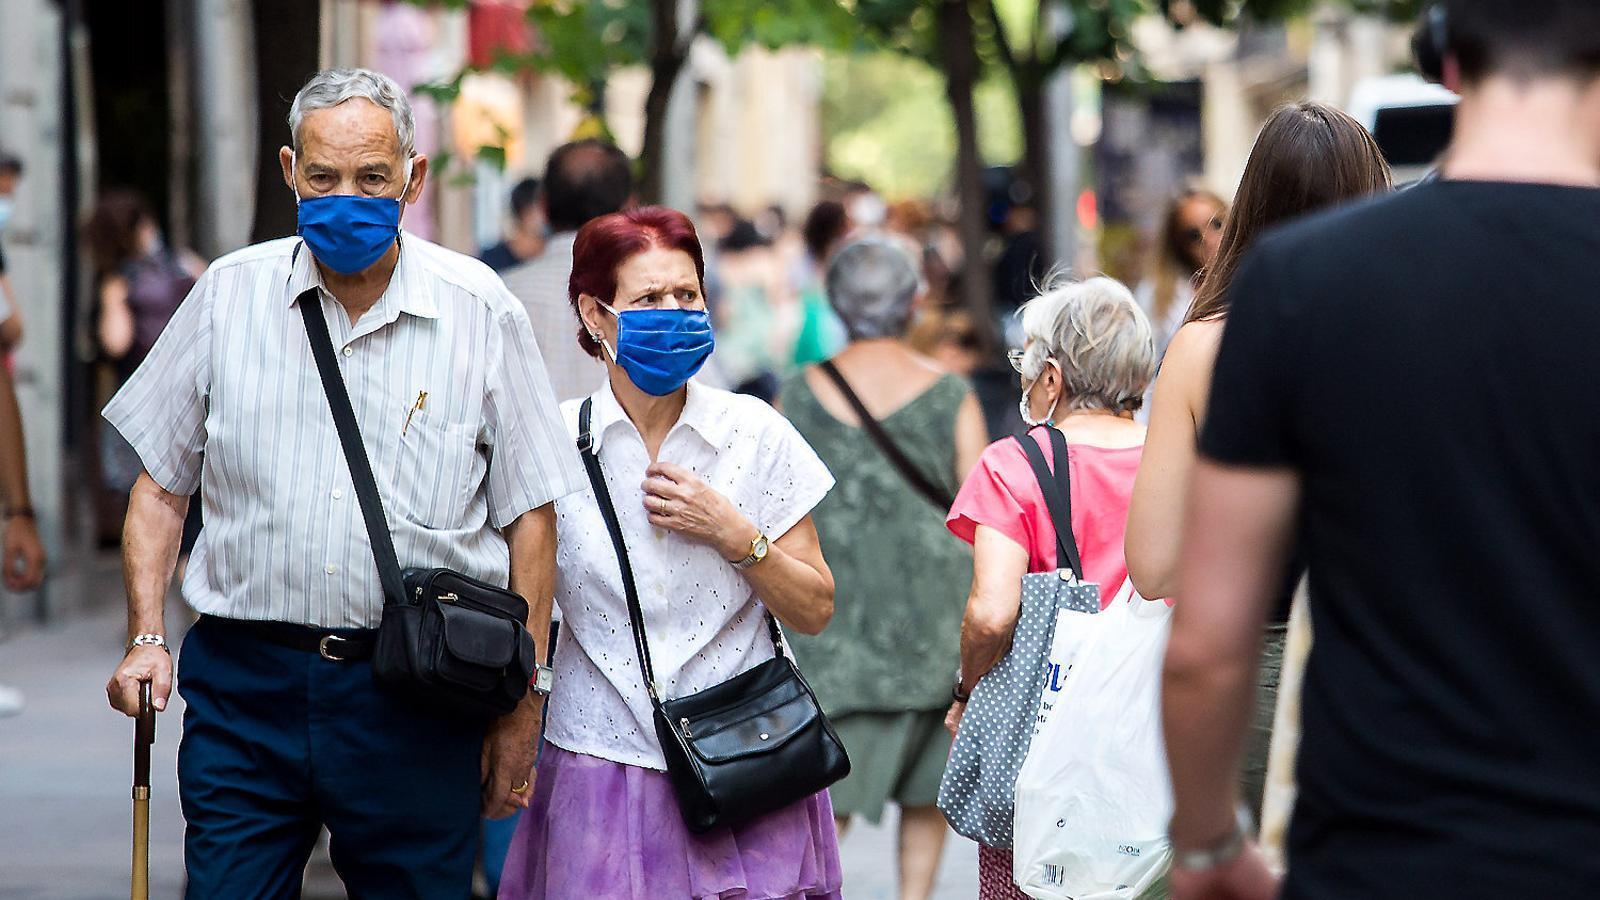 Barcelona i l'àrea metropolitana concentren el 90% dels nous casos de covid